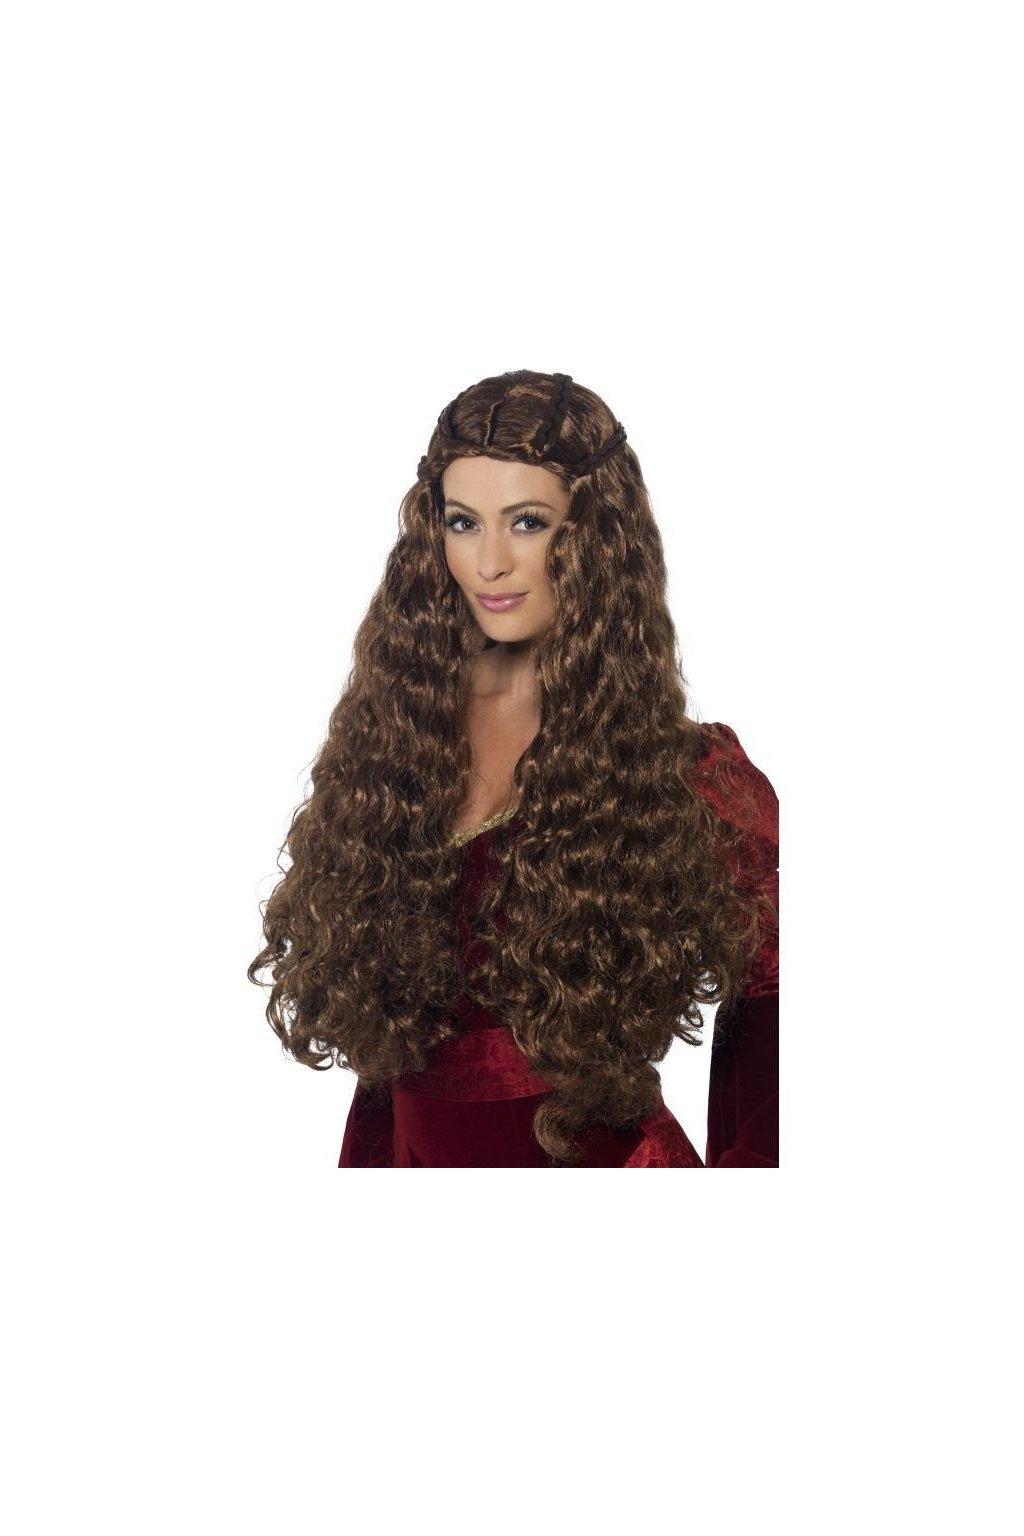 Paruka - Medieval princess - hnědá